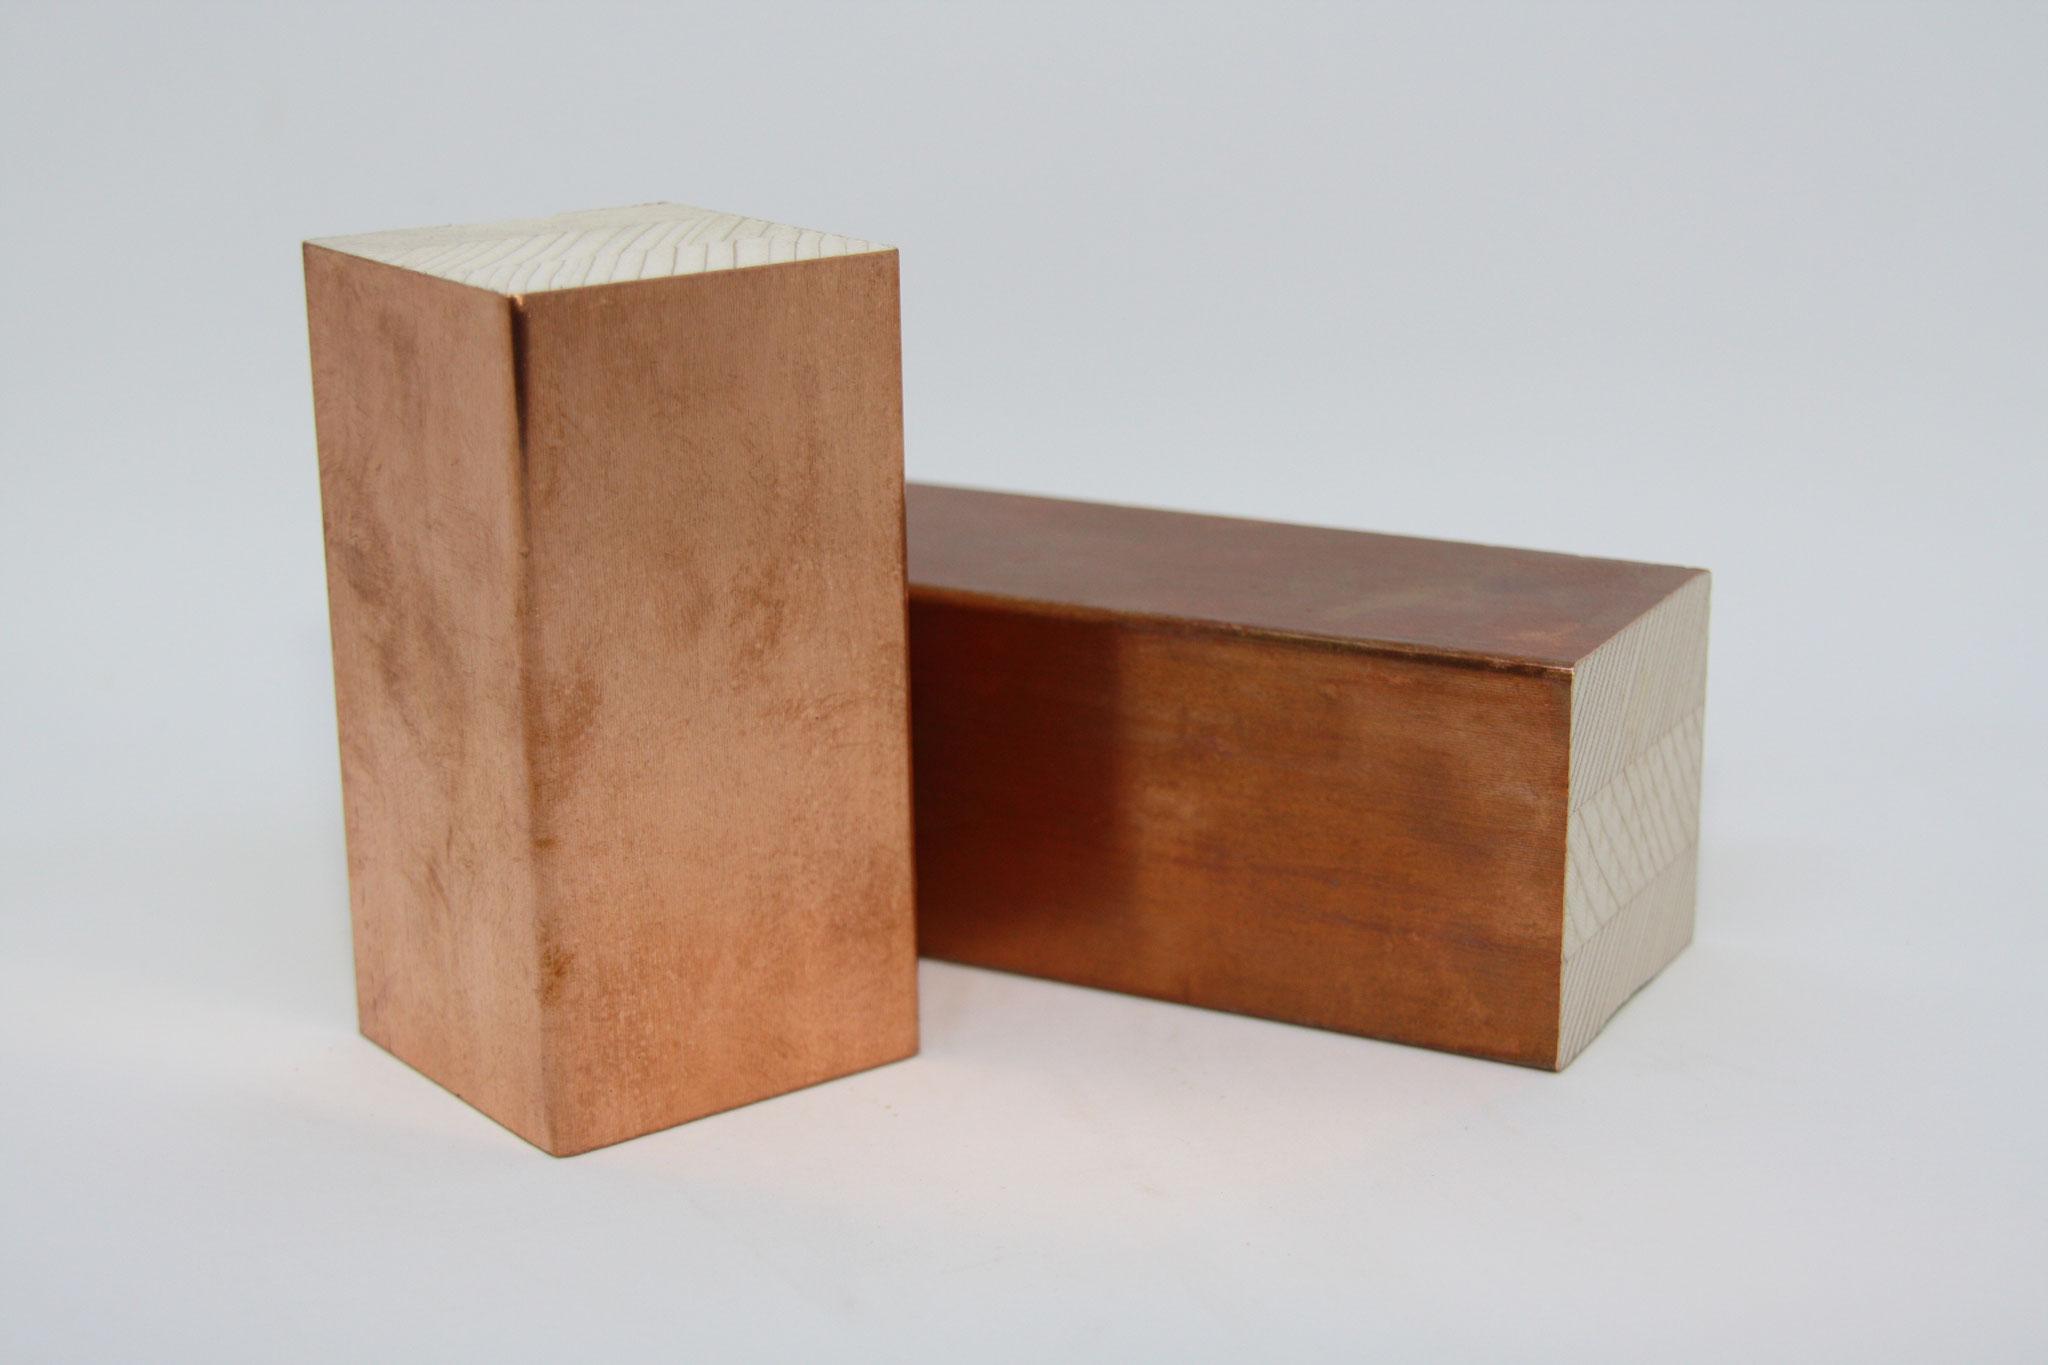 Deckenleiste - Einsatz: vorgefertigte Deckenelemente, Träger: Fichte keilverzinkt, Oberfläche: echtes Kupfer,  Schutzfolie